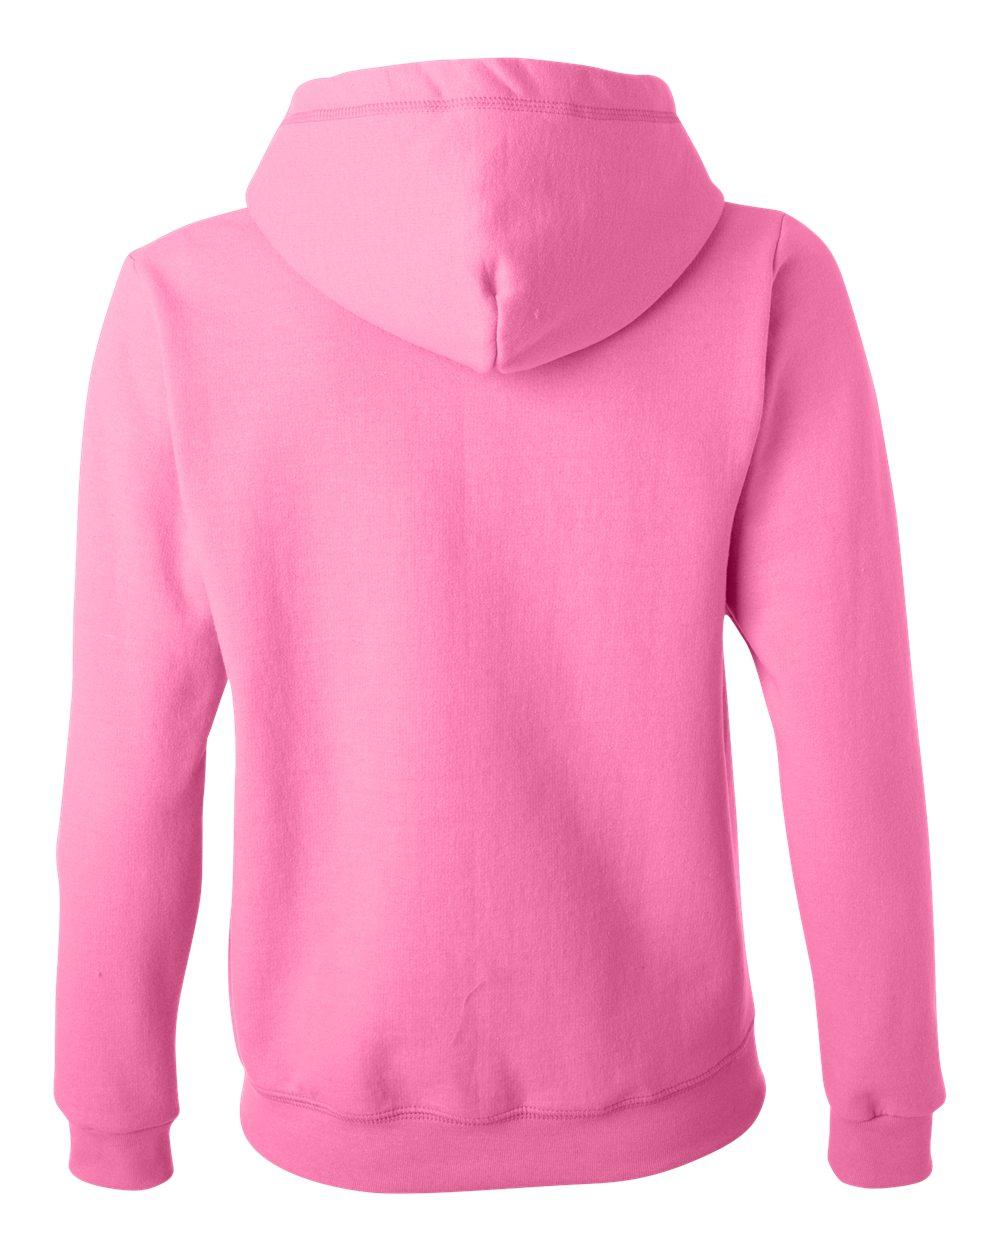 _Full-Zip Ladies' Hoodie (Pink Only): You Choose Design